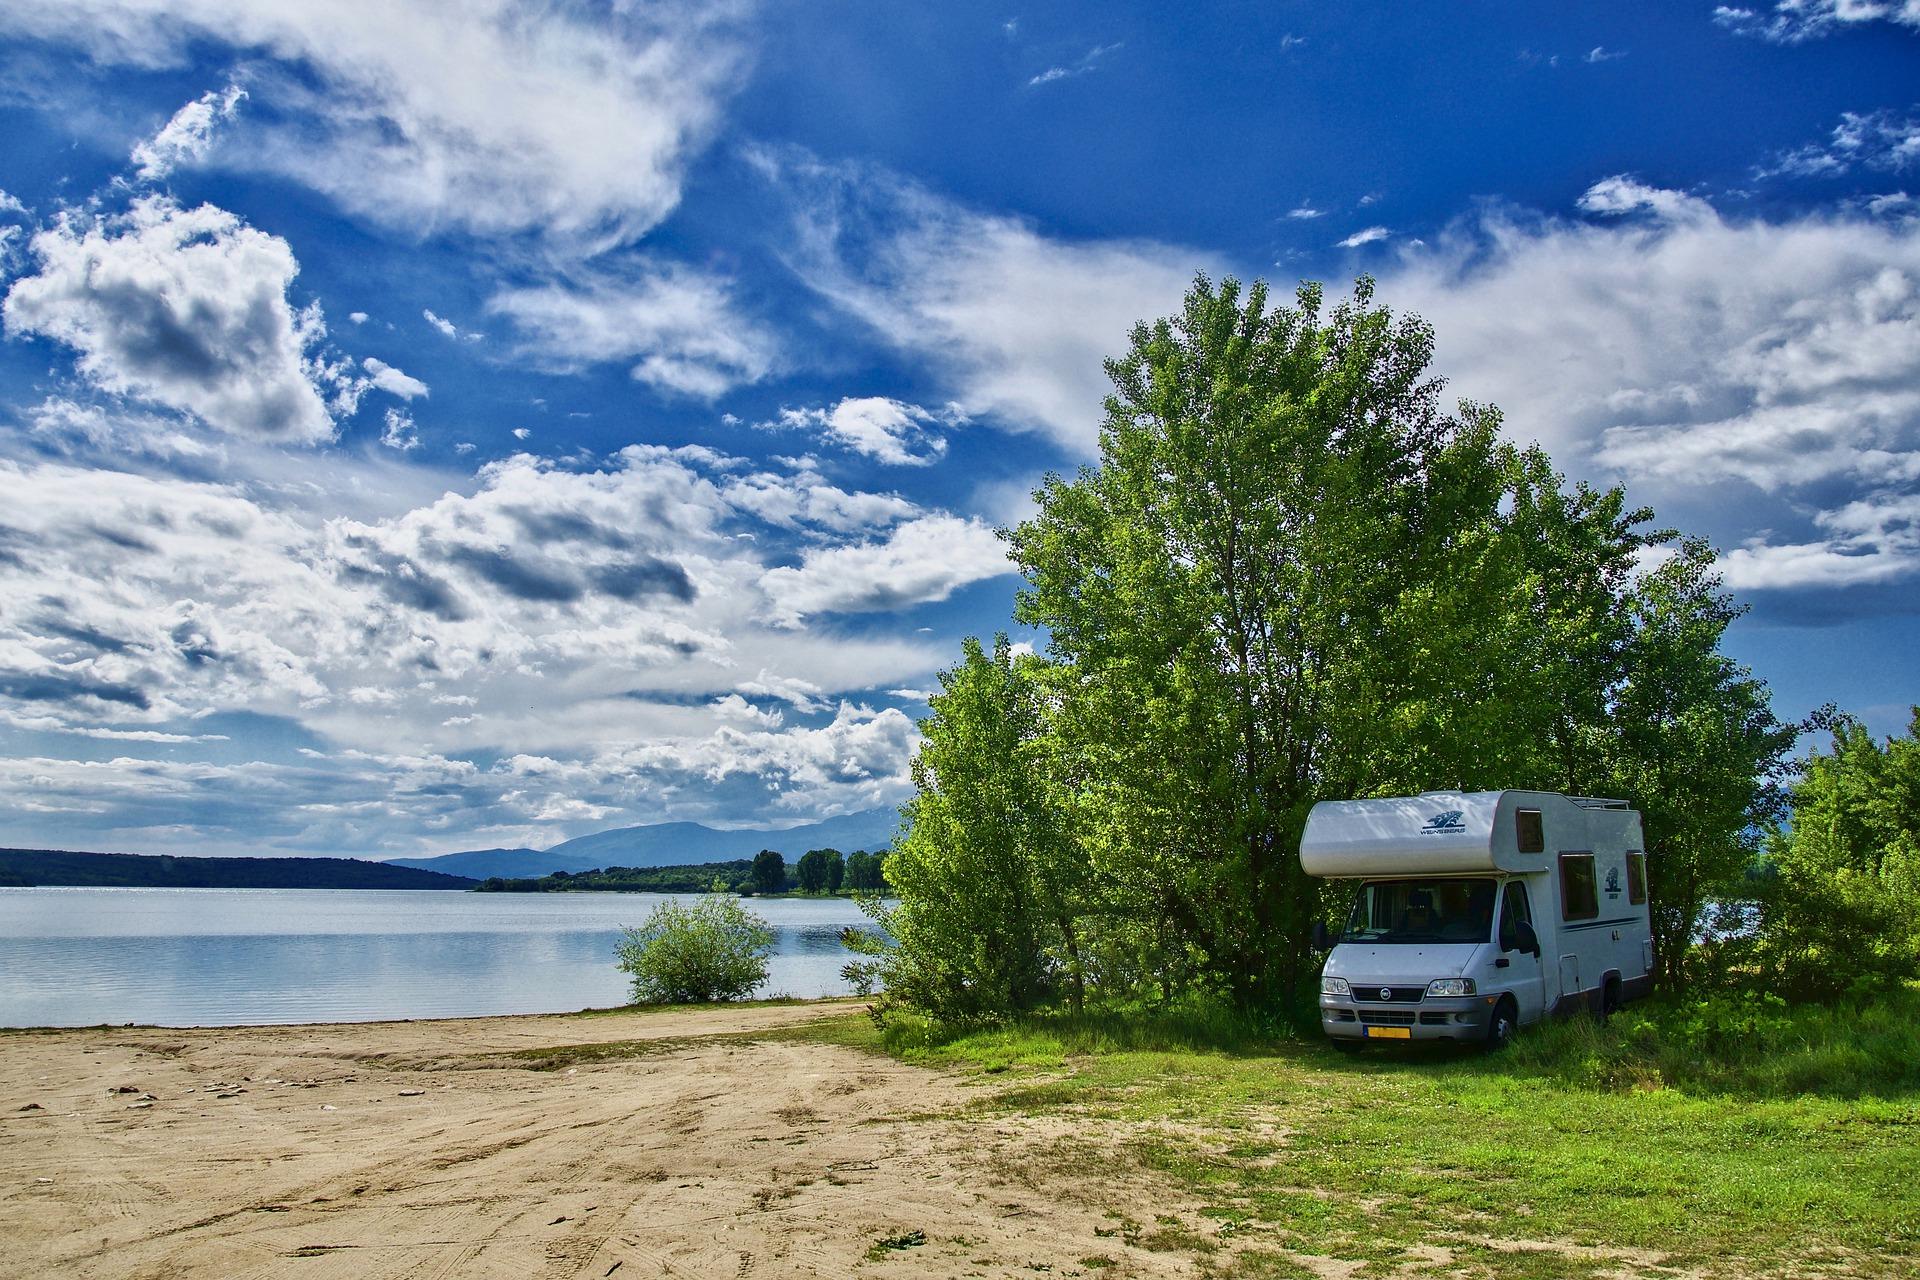 camping-5402177_1920